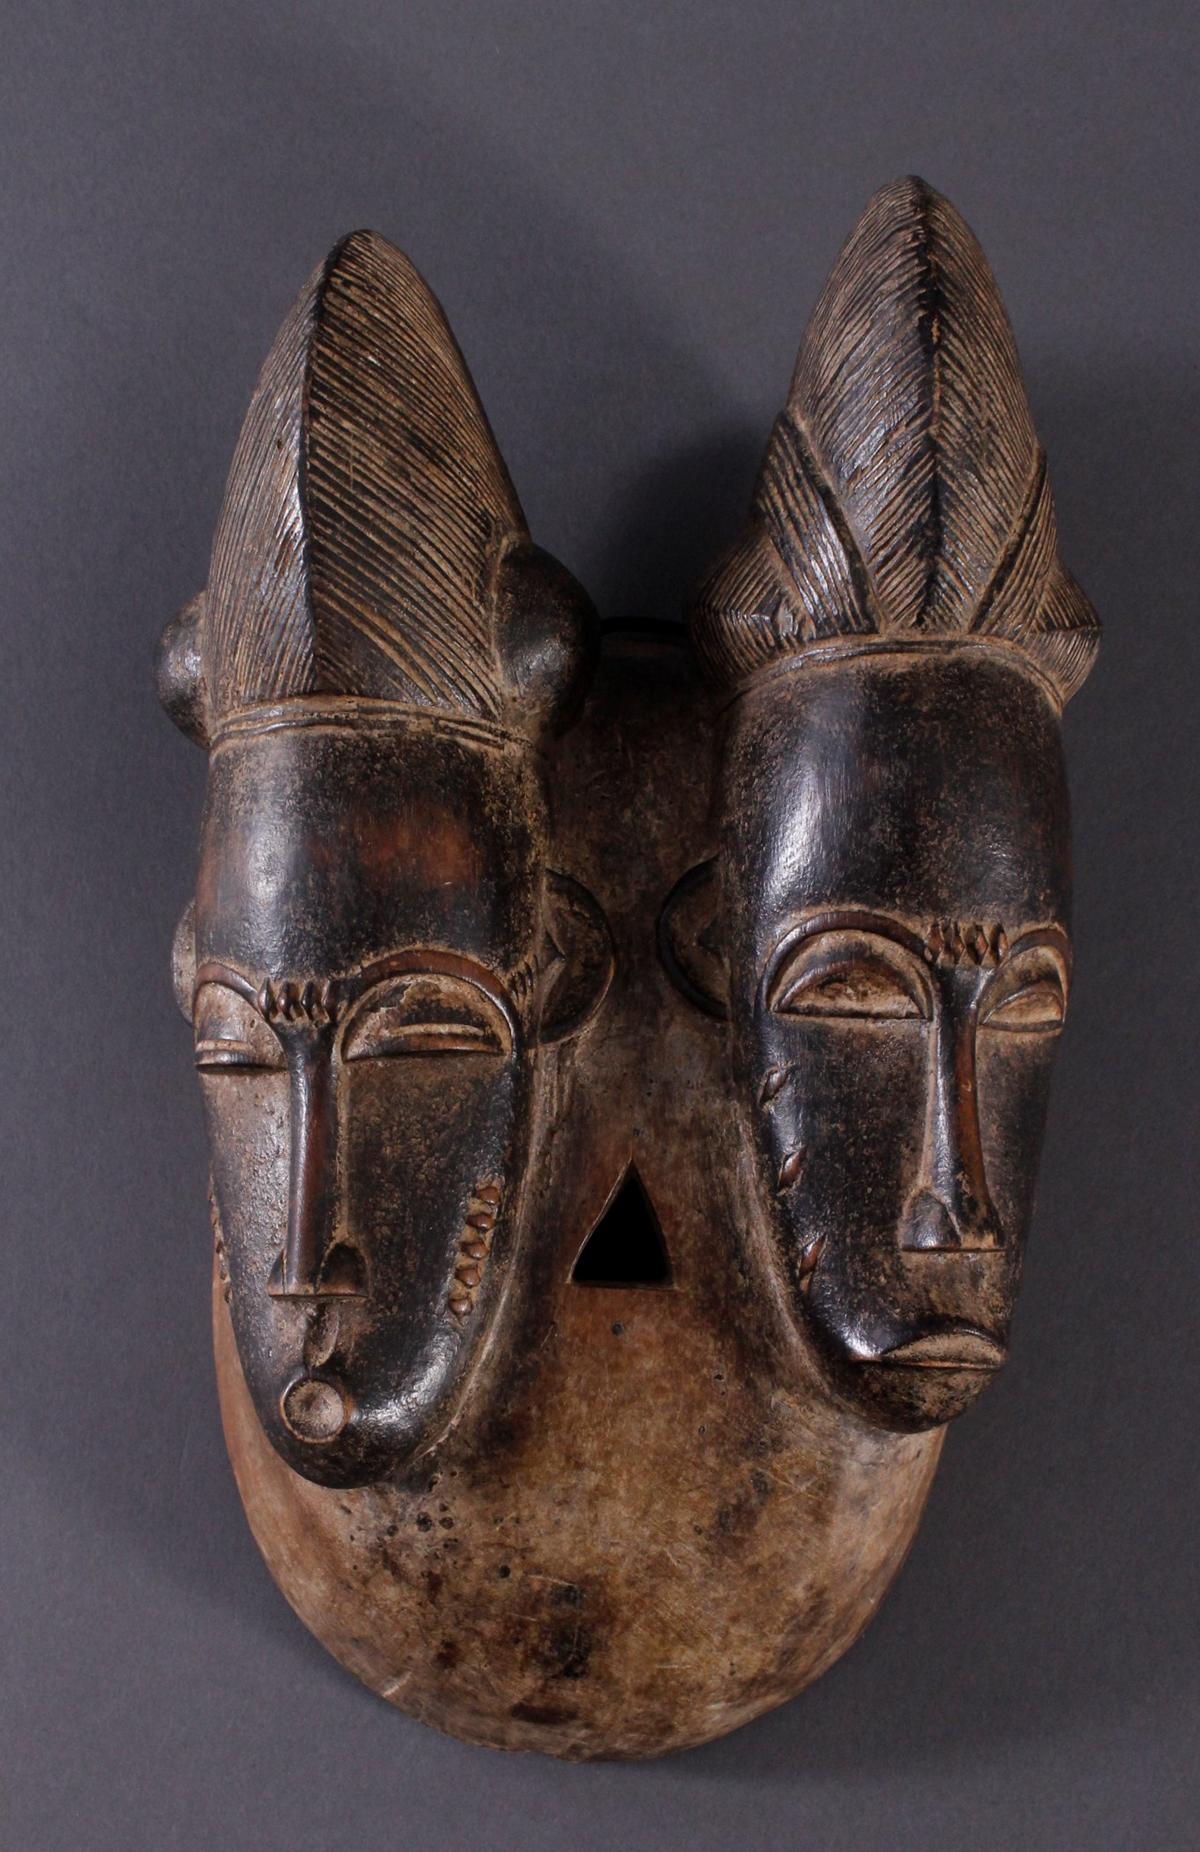 Antike Zwillingsmaske der Baule, Elfenbeinküste, 1. Hälfte 20. Jh.